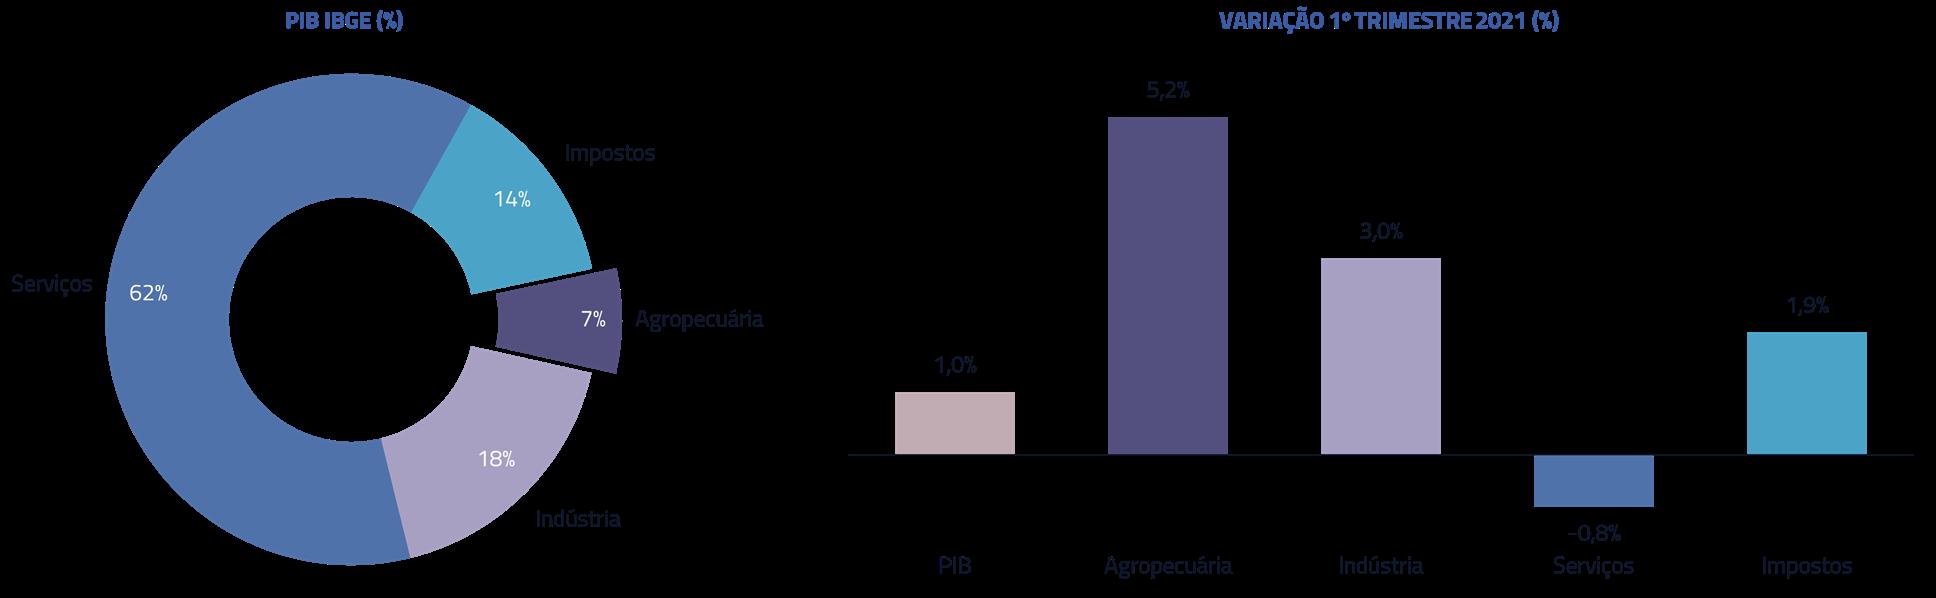 PIB IBGE (%) | Variação 1 trimestre 2021 (%)